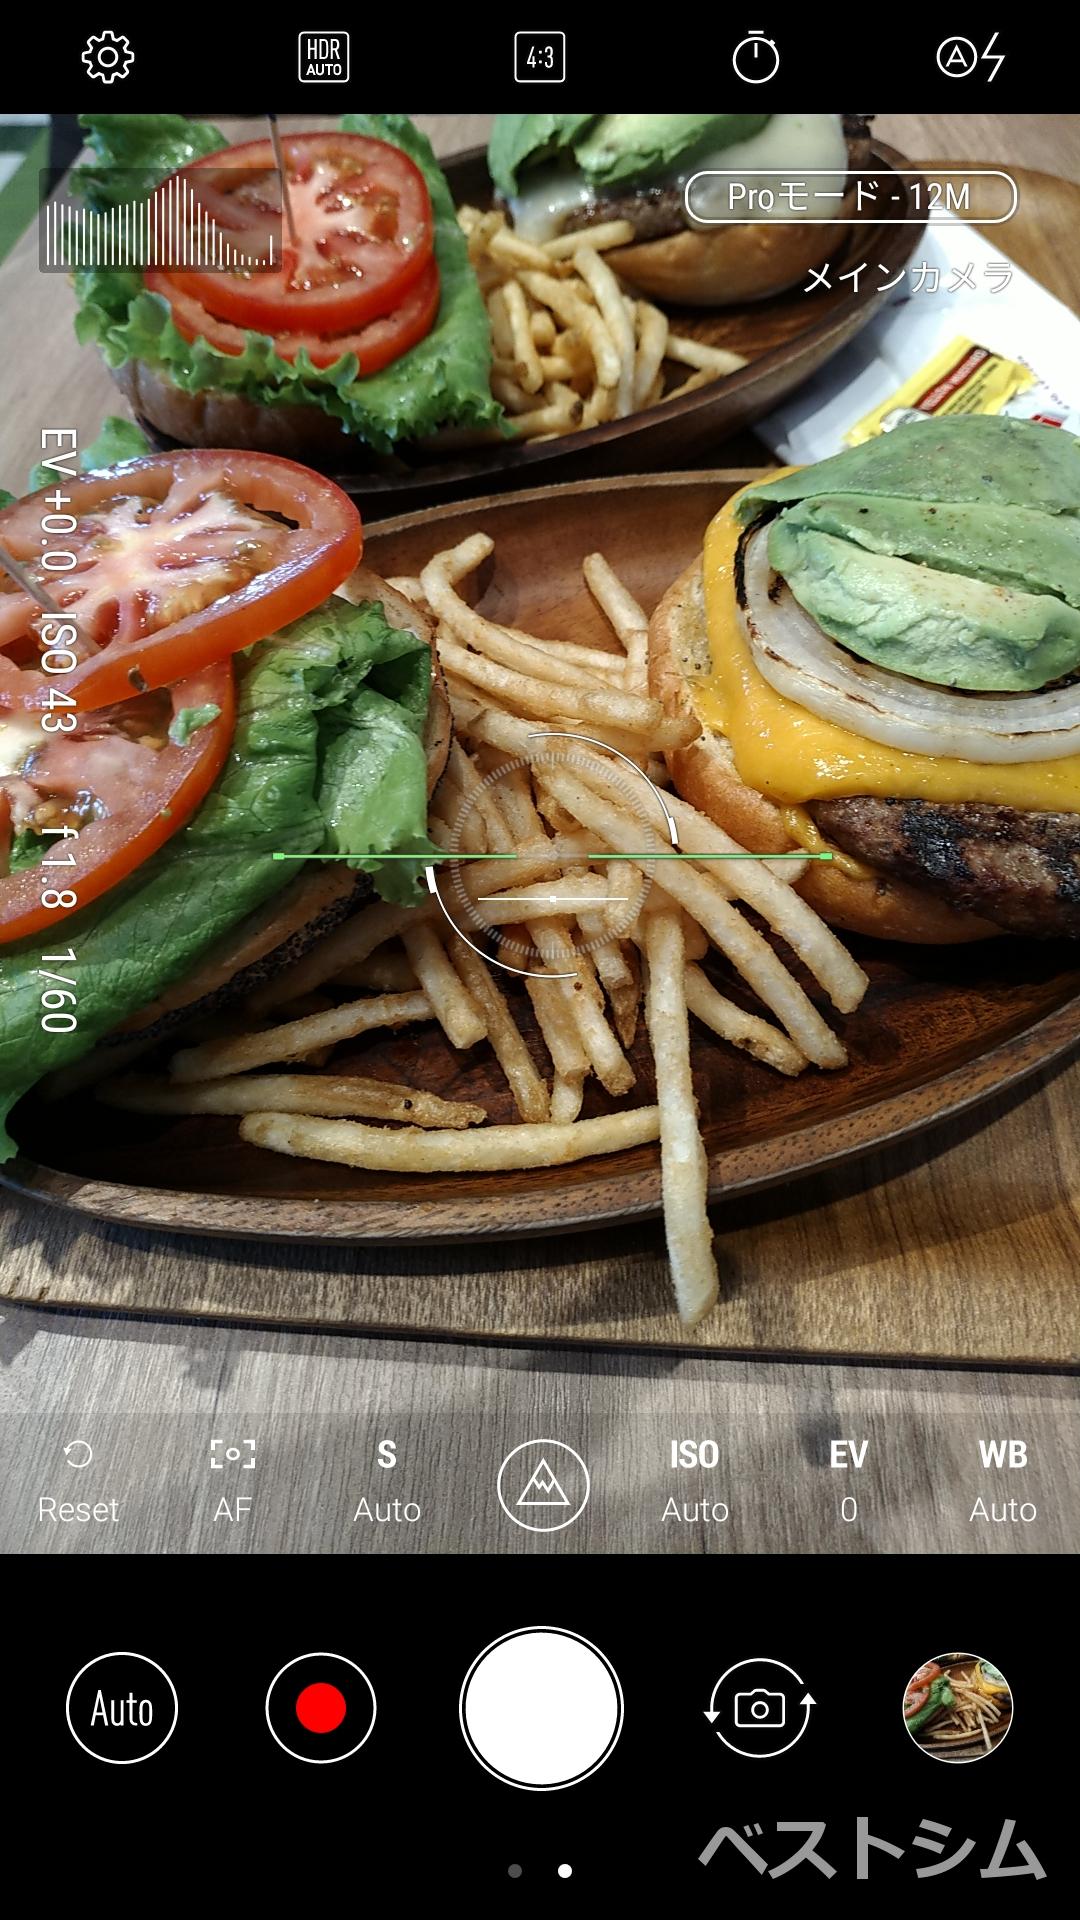 ZenFone4カスタマイズのProモード撮影画面